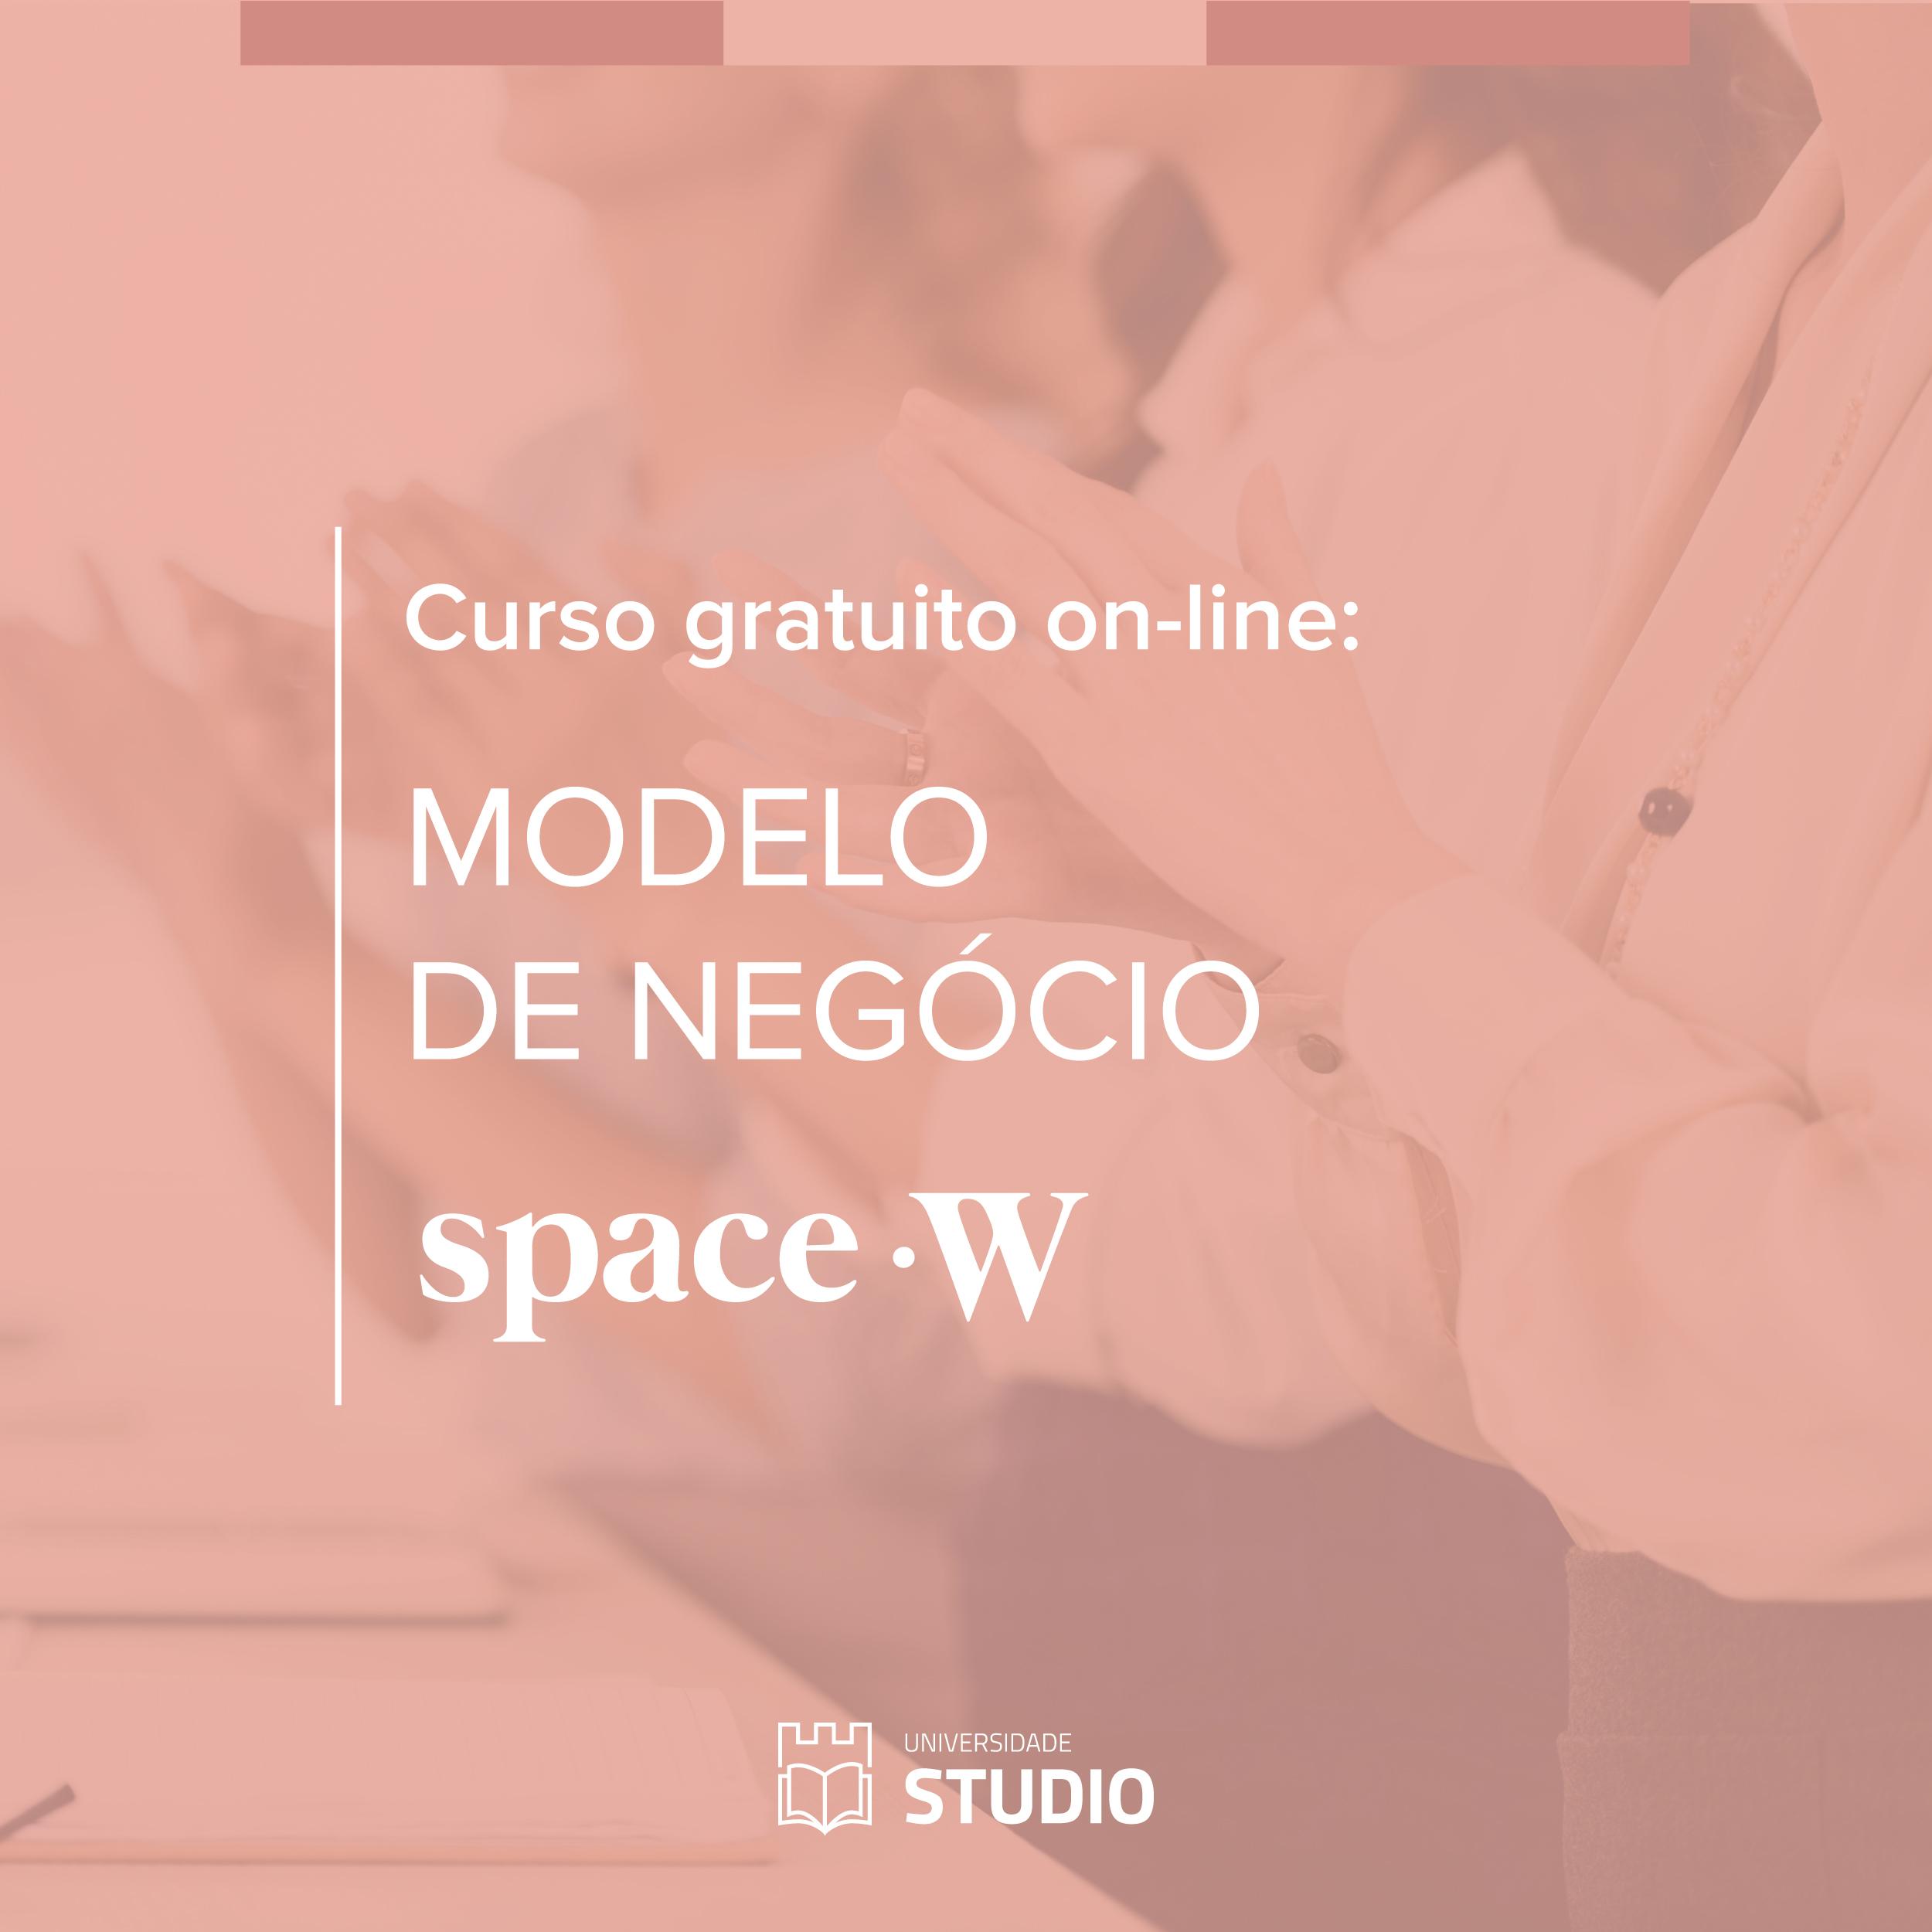 Universidade curso spacew capa